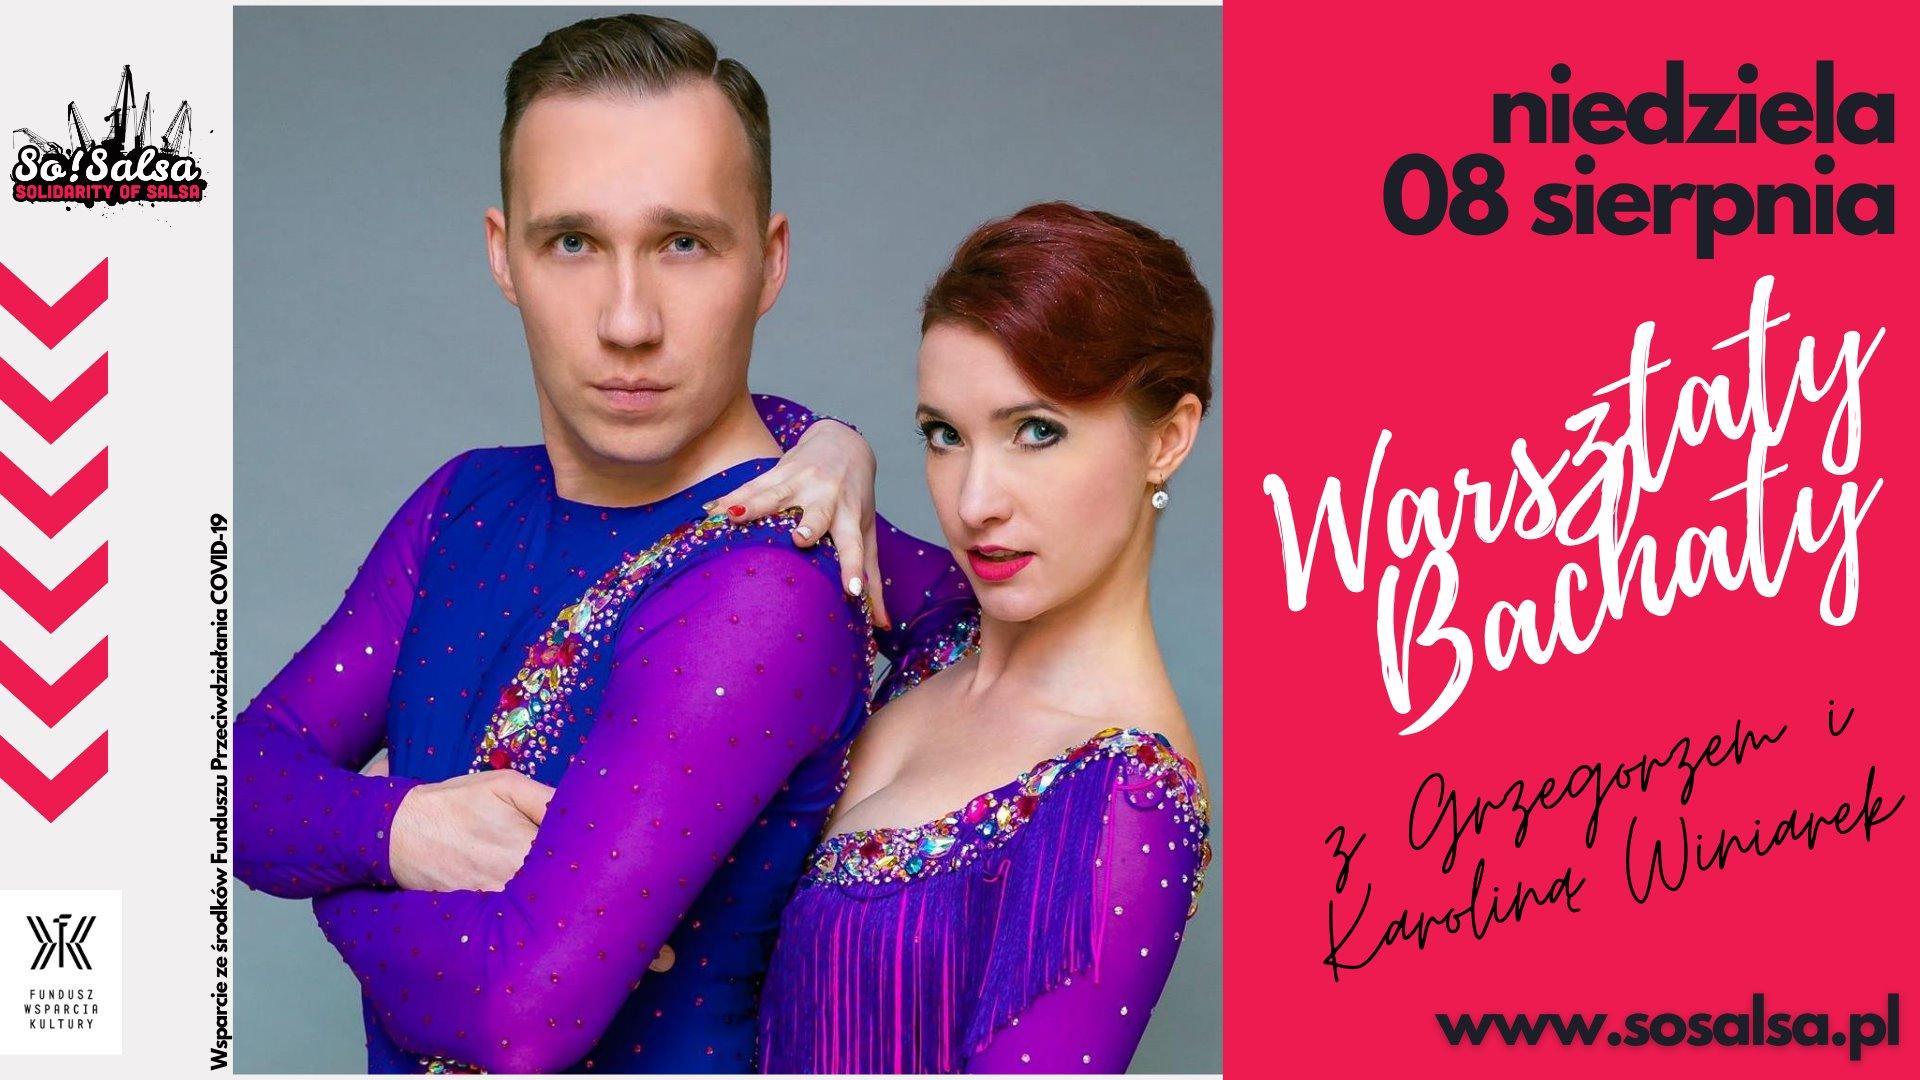 Warsztaty z Grzegorzem & Karoliną Winiarek w So!Salsa